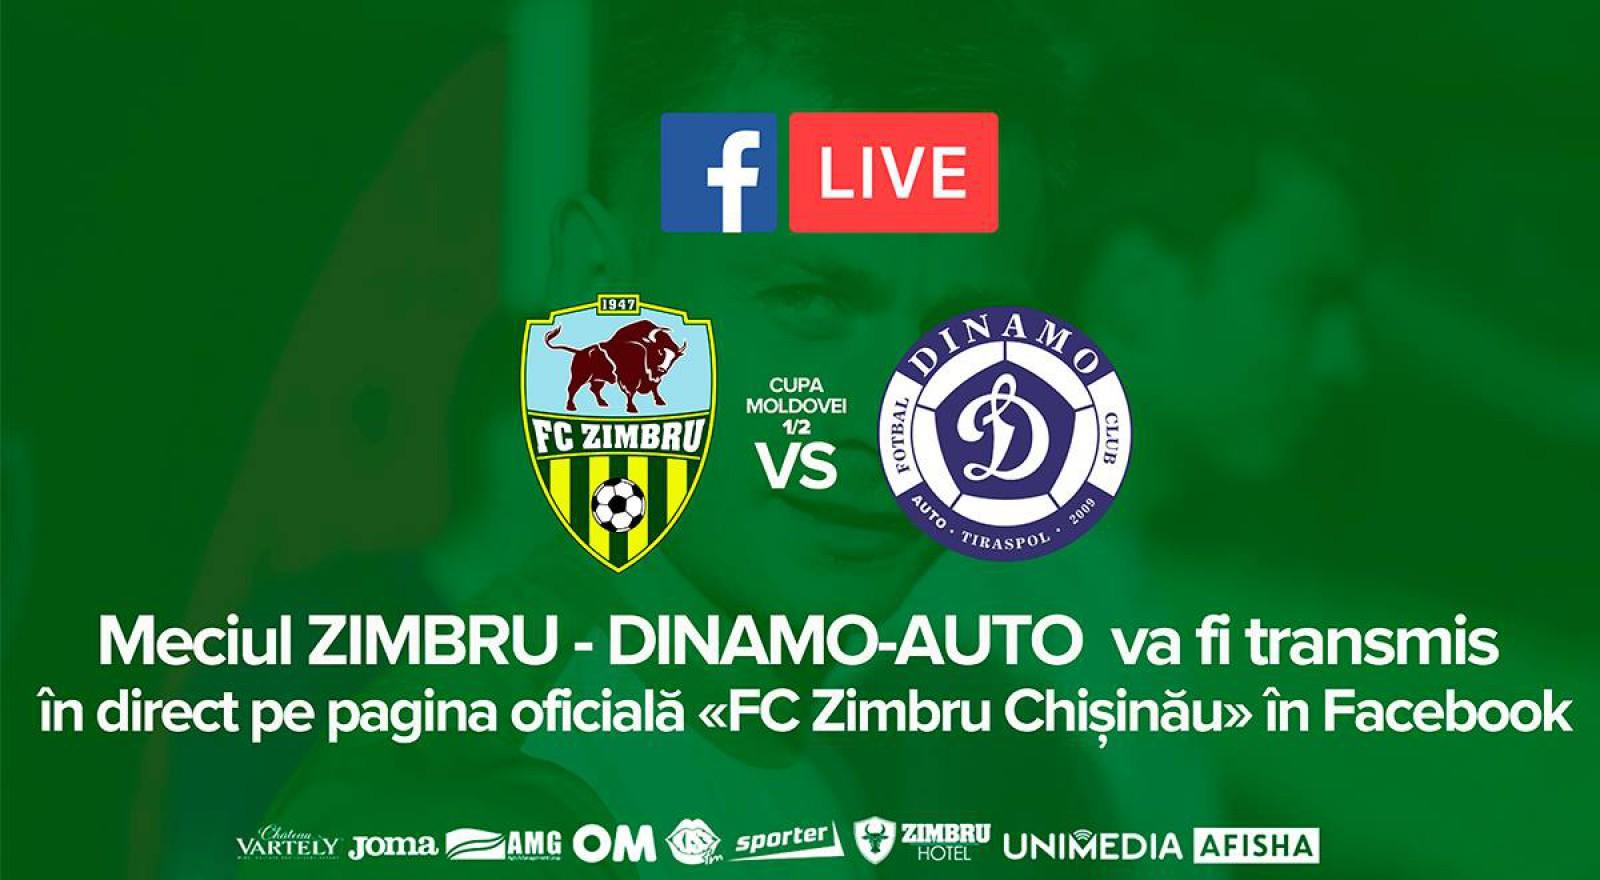 (video) Zimbru Chișinău s-a calificat dramatic în finala Cupei Moldovei! Galben-verzii au învins la penalty-uri echipa Dinamo-Auto